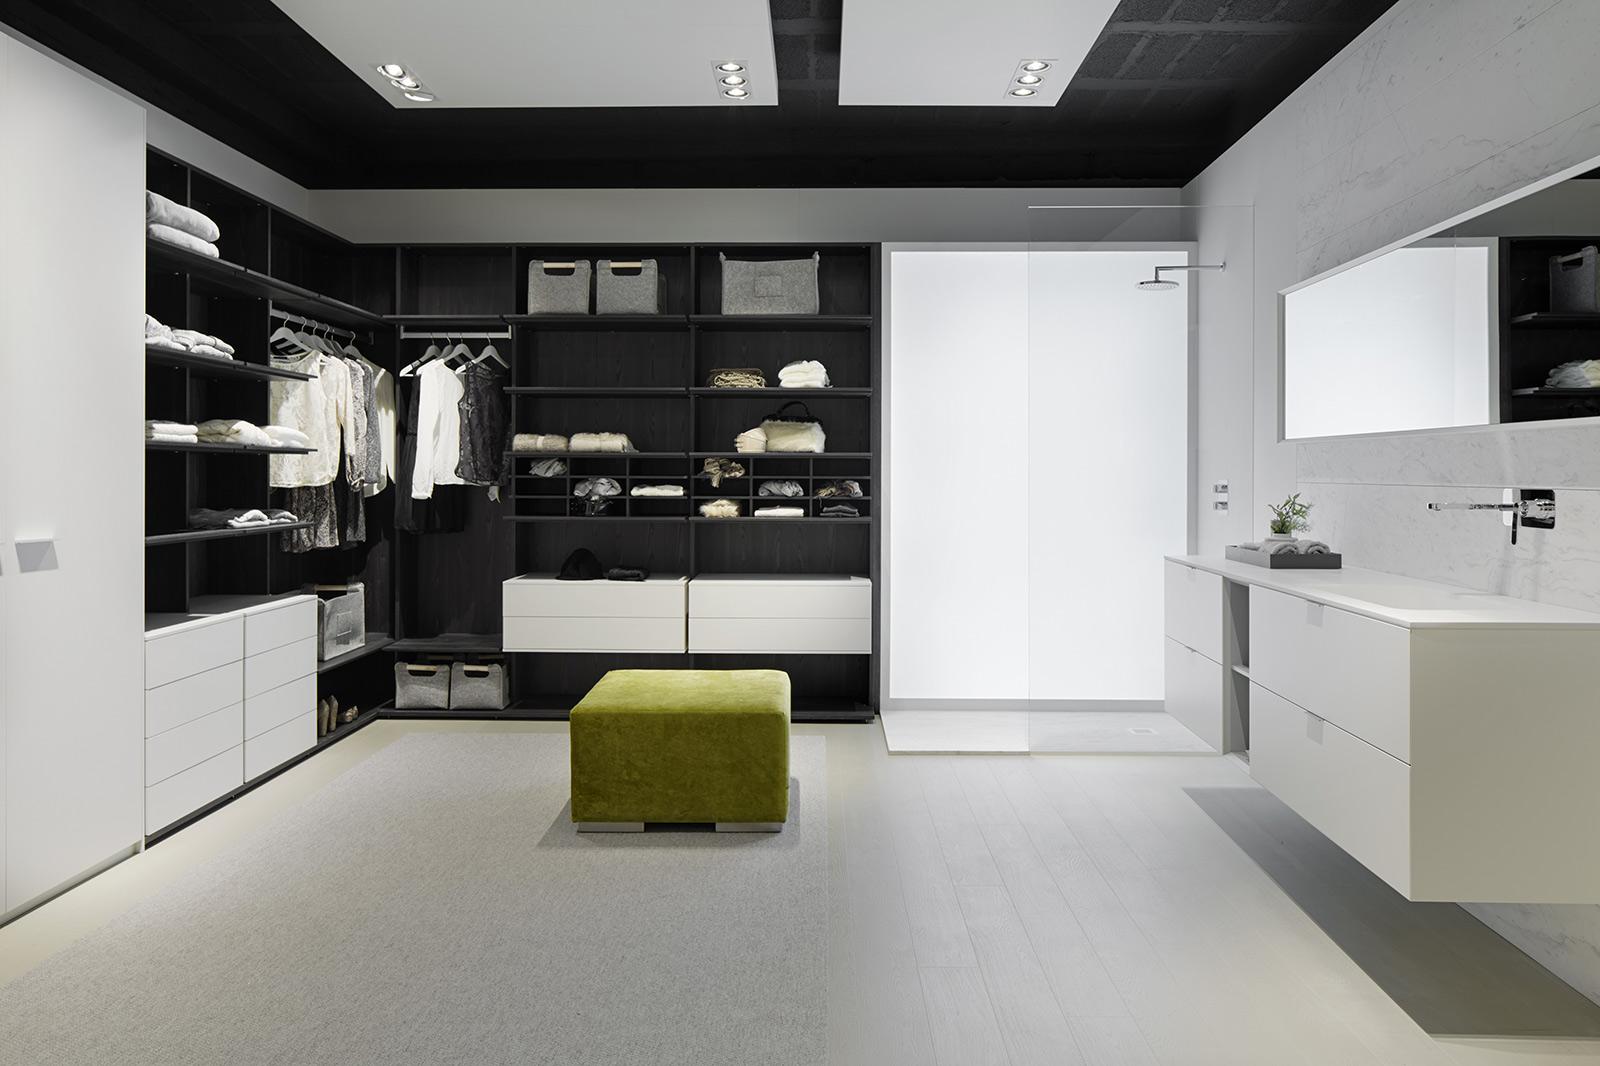 Dise a el armario de tus sue os con dica materia prima blog - Disena tu armario ...